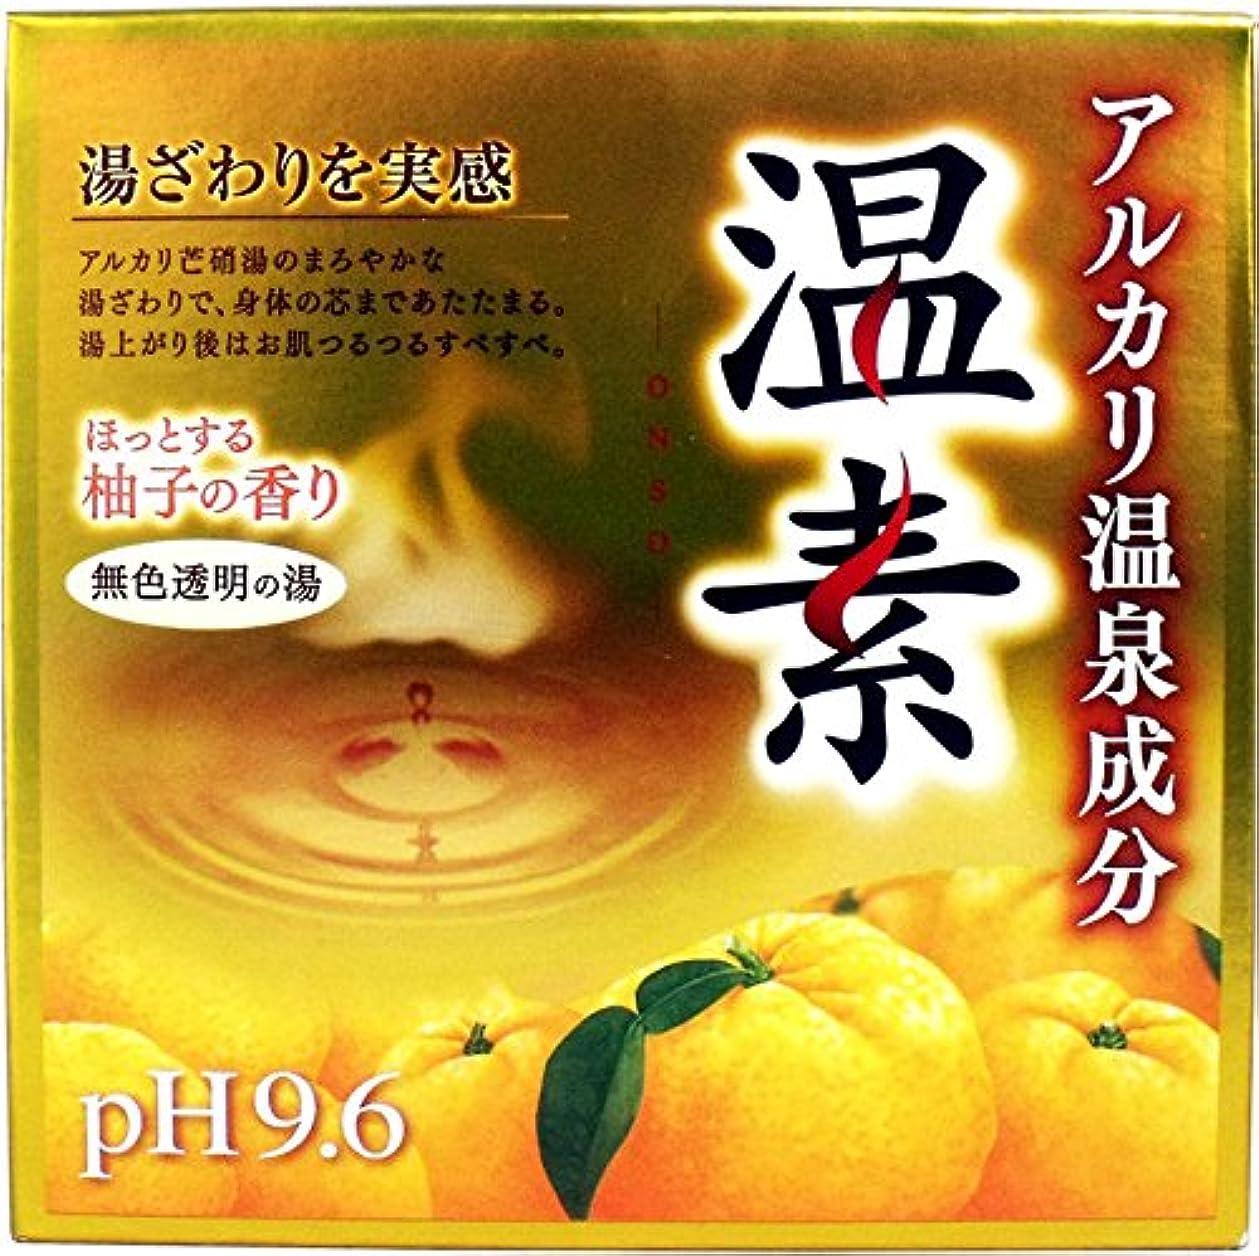 バス用品 湯ざわりを肌で実感 リラックス用品 アルカリ温泉成分 温素 入浴剤 柚子の香り 30g×15包入【3個セット】